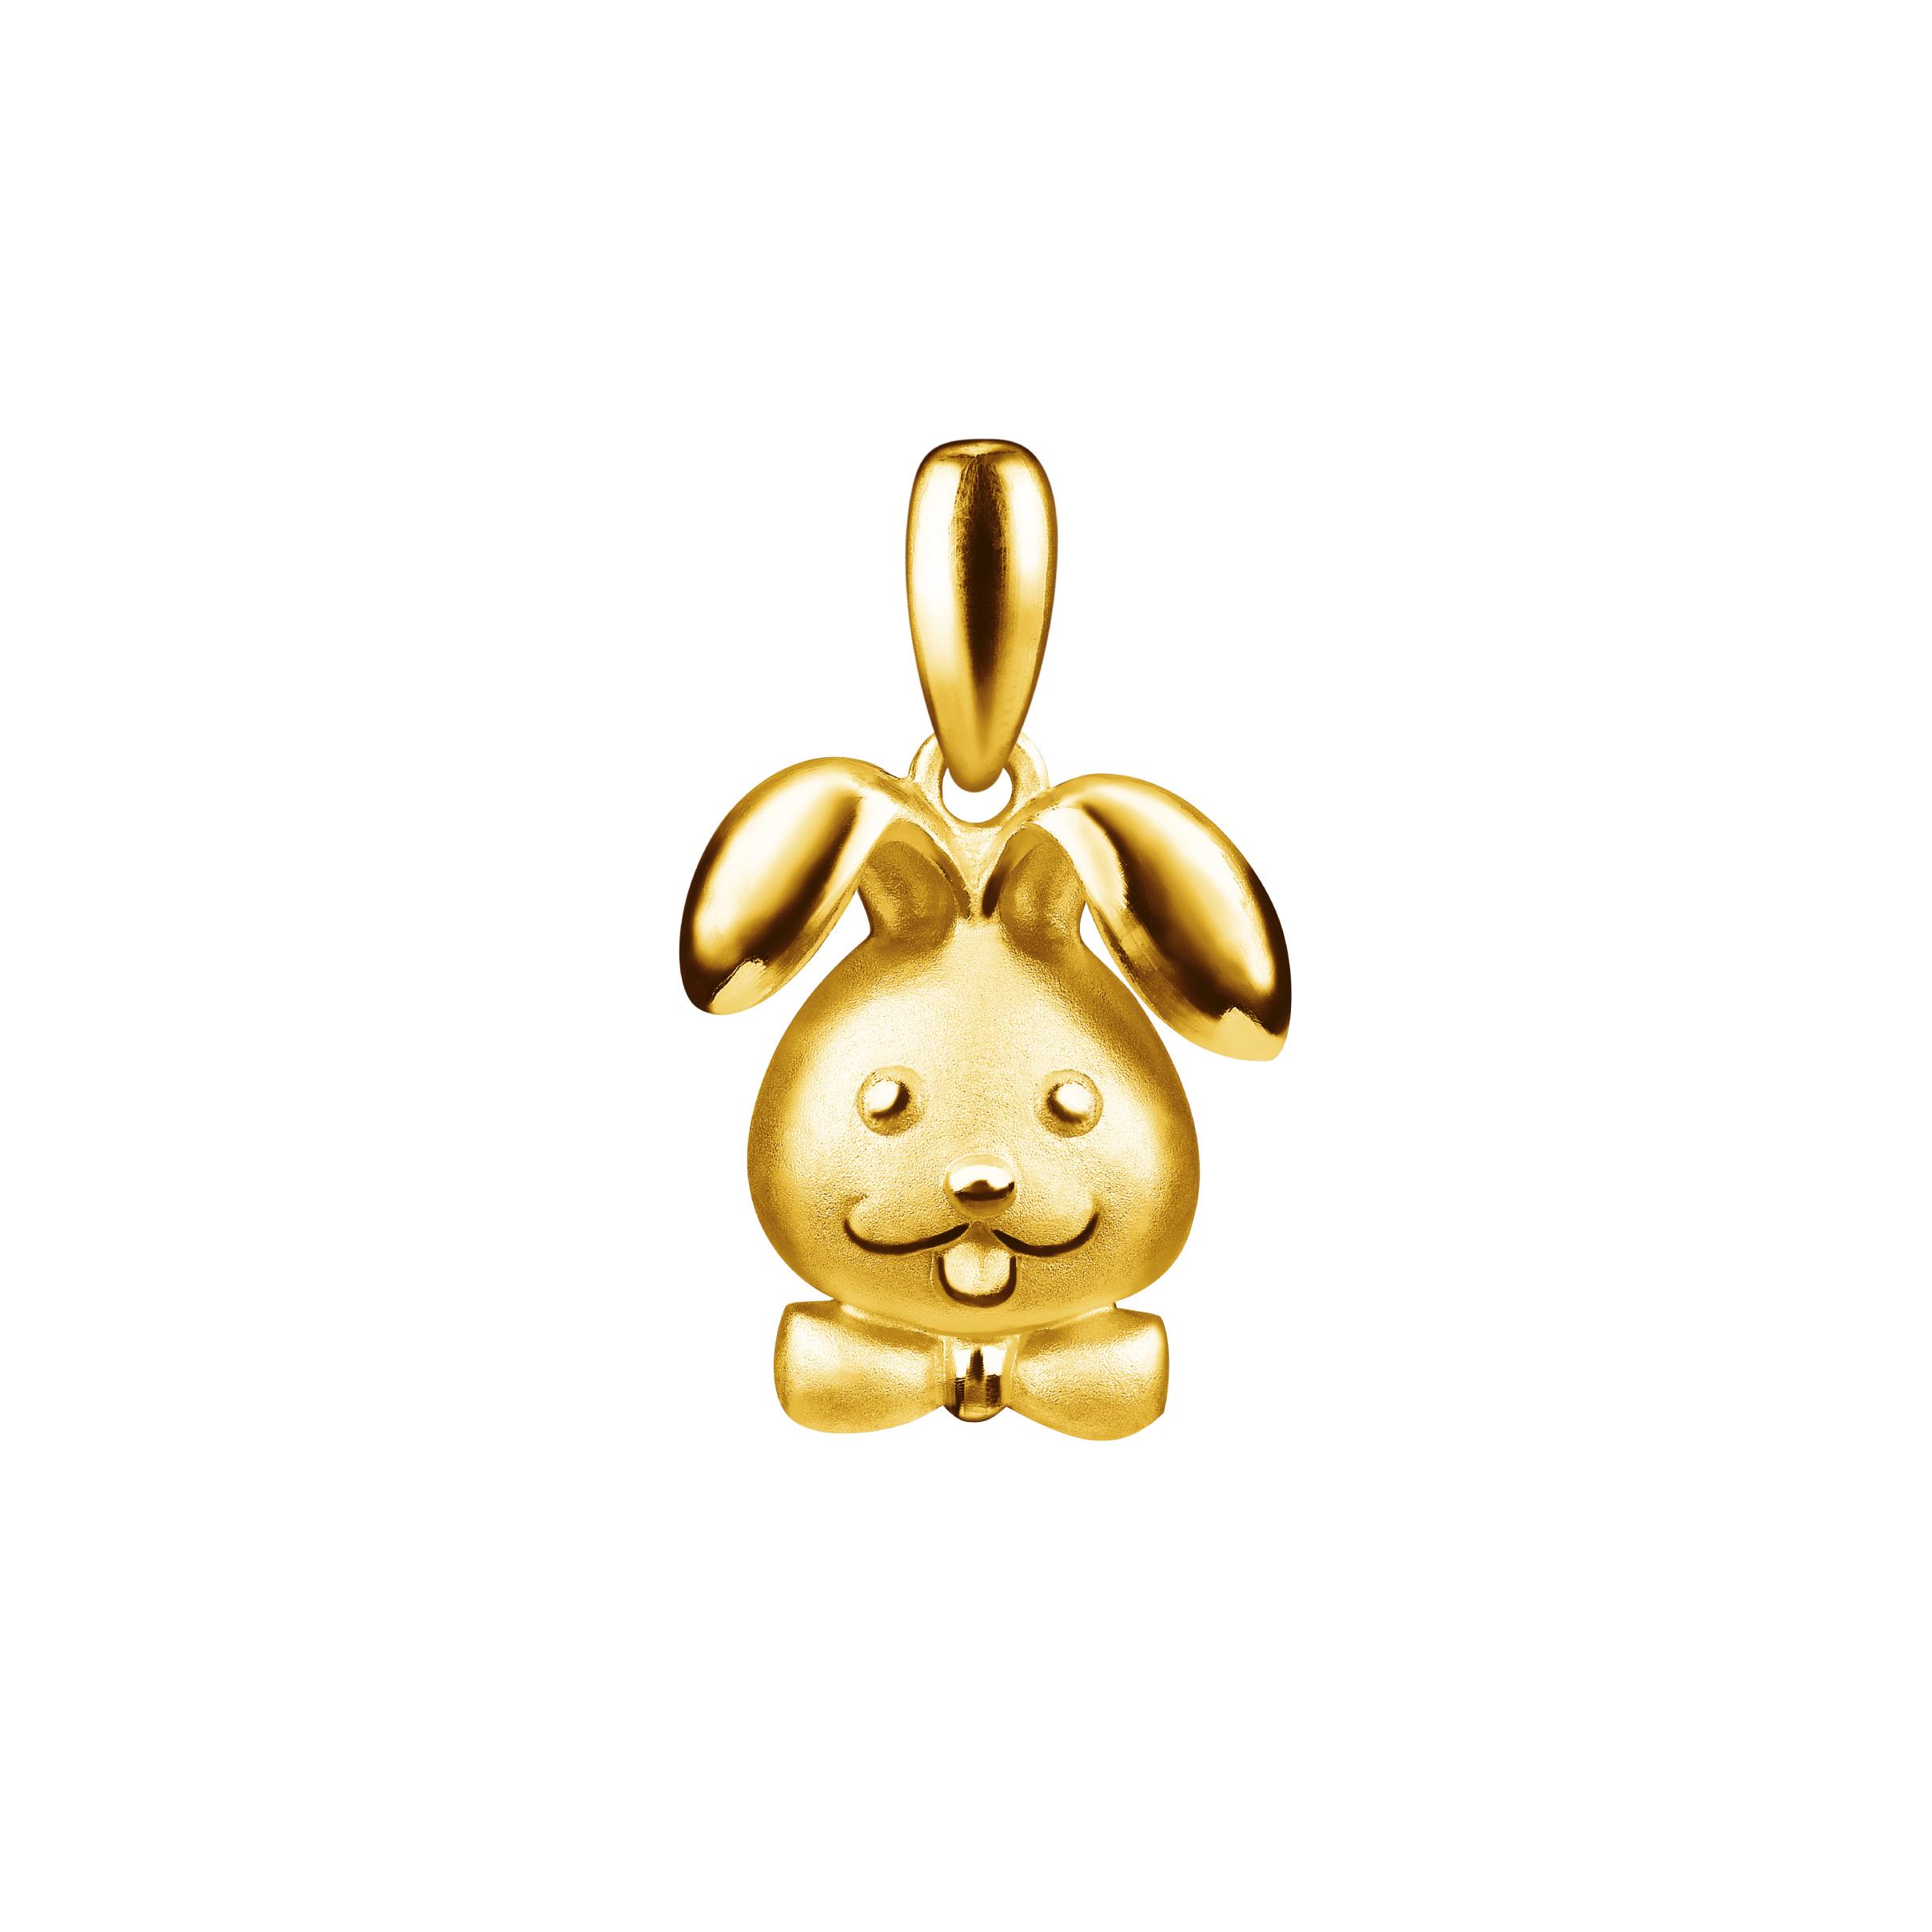 12 Chinese Zodiac Gold Pendant -Rabbit